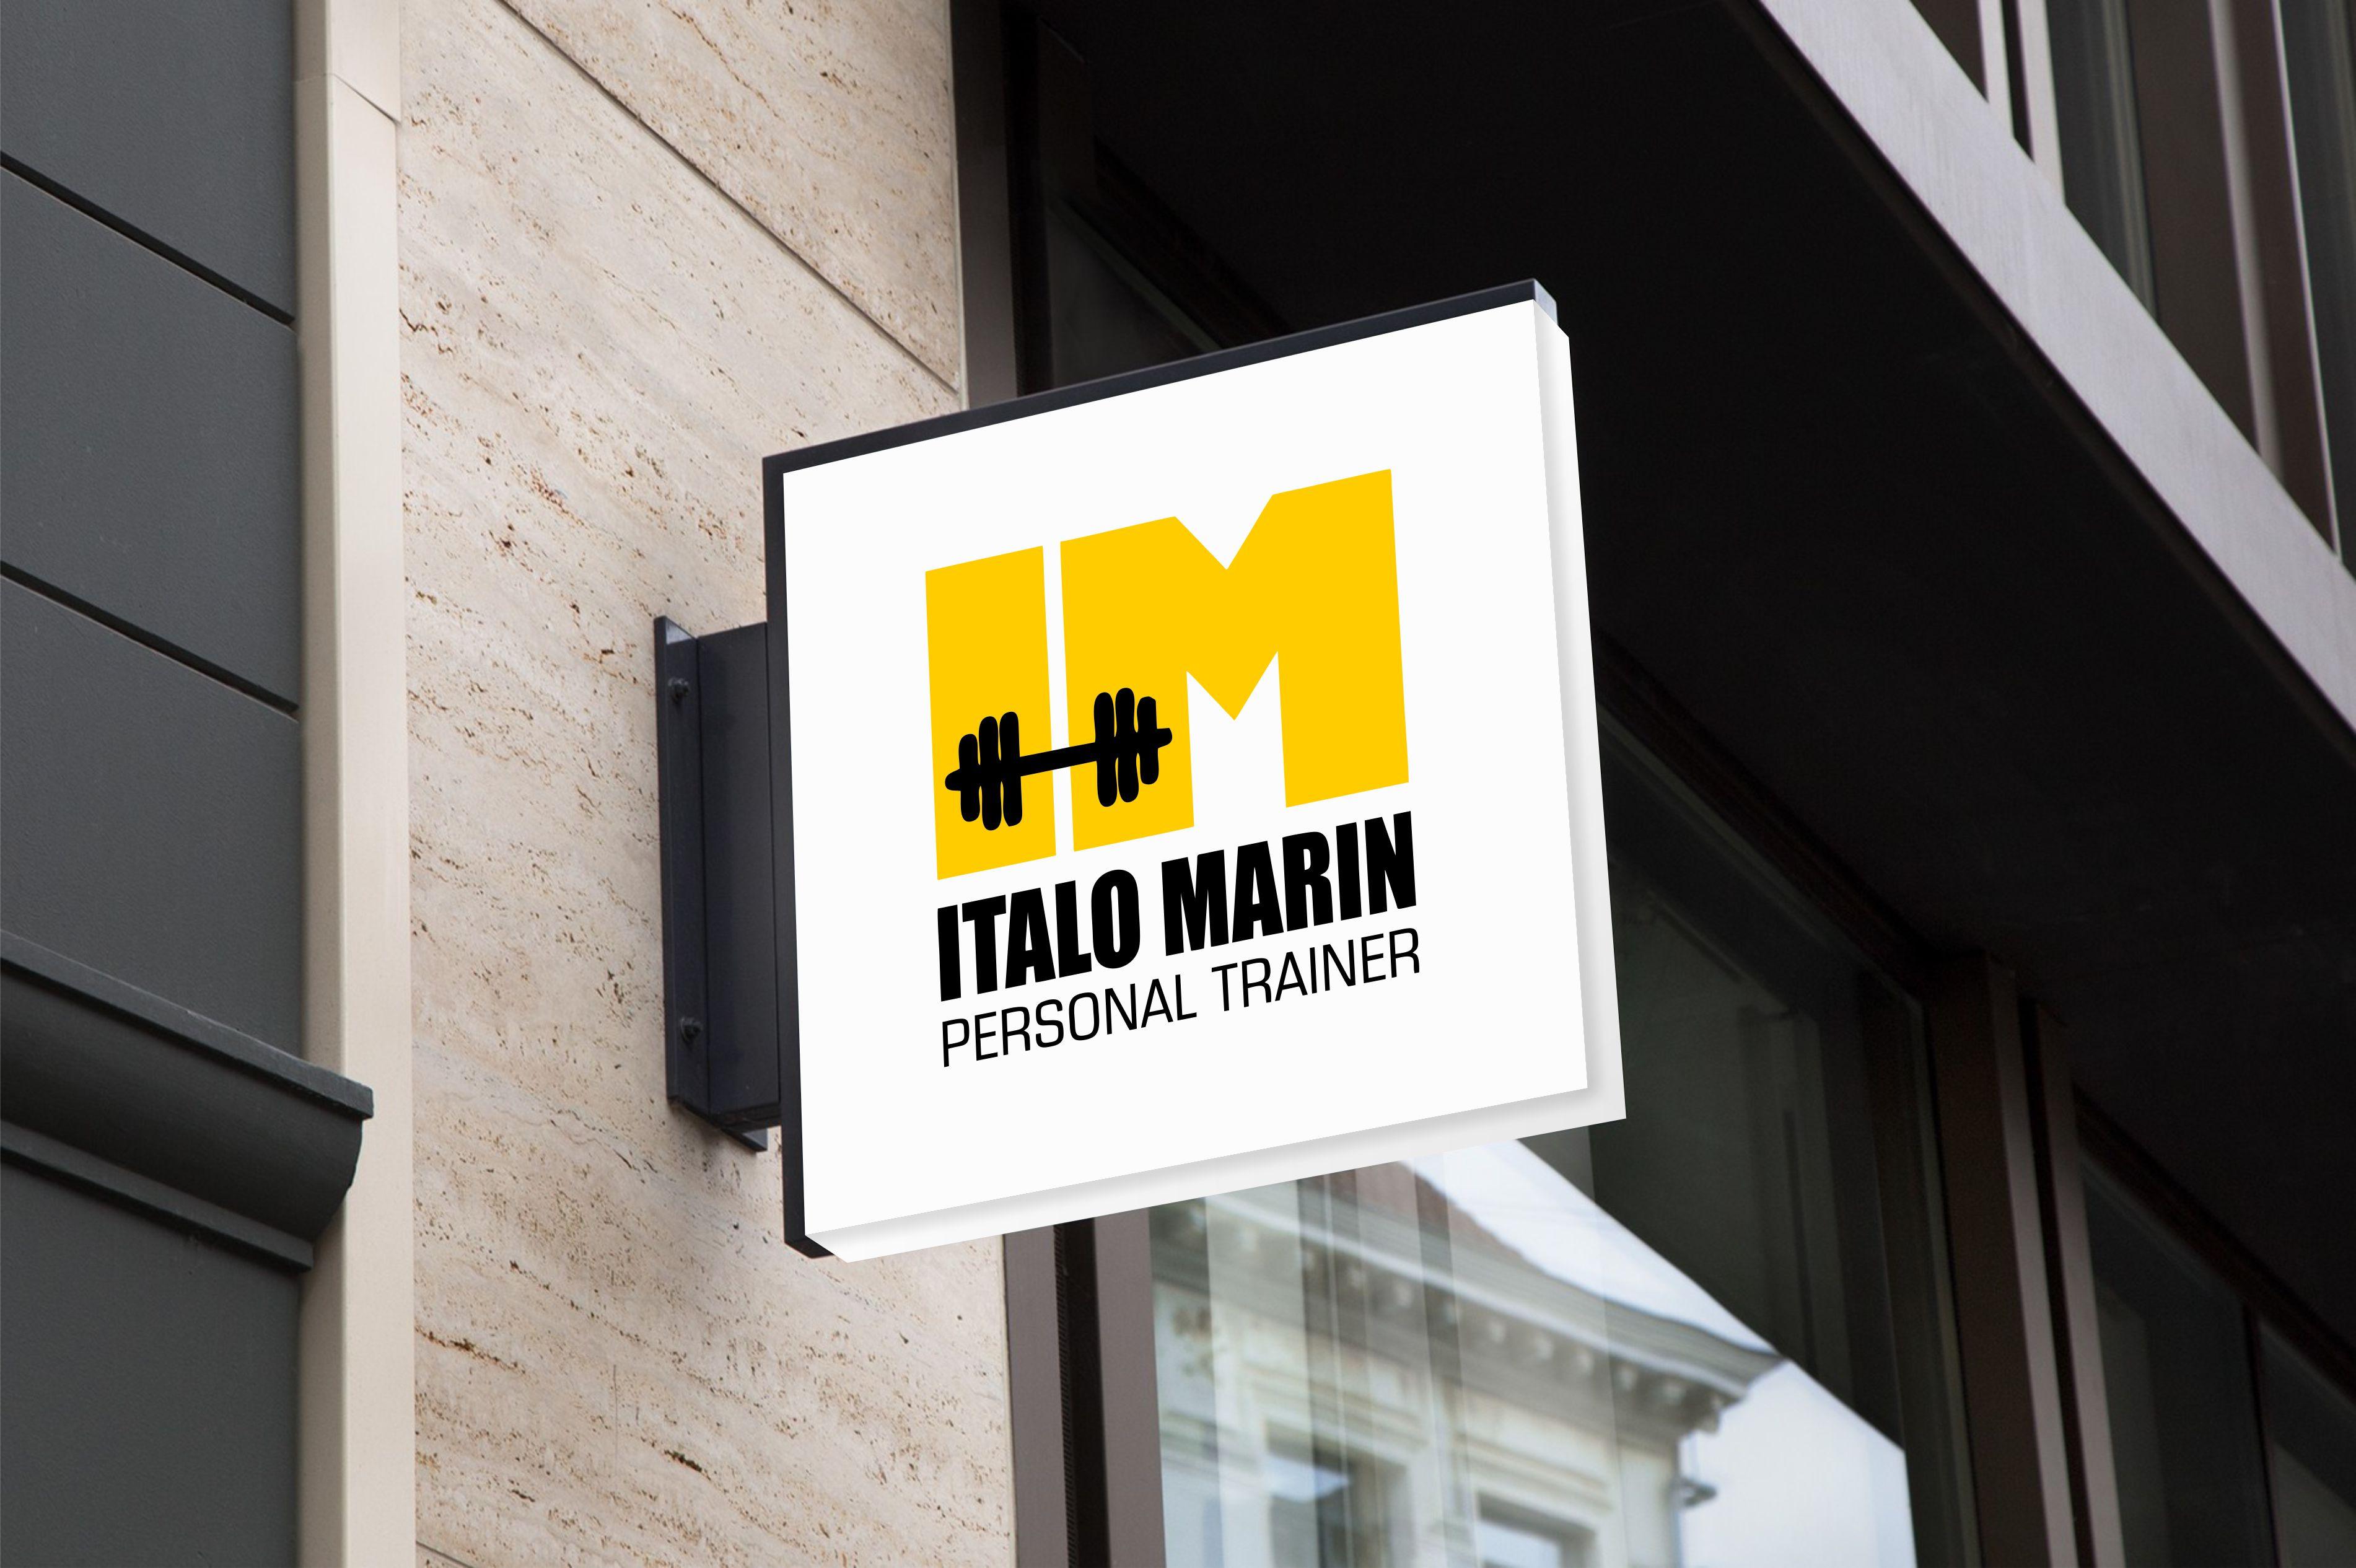 ITALO MARIN